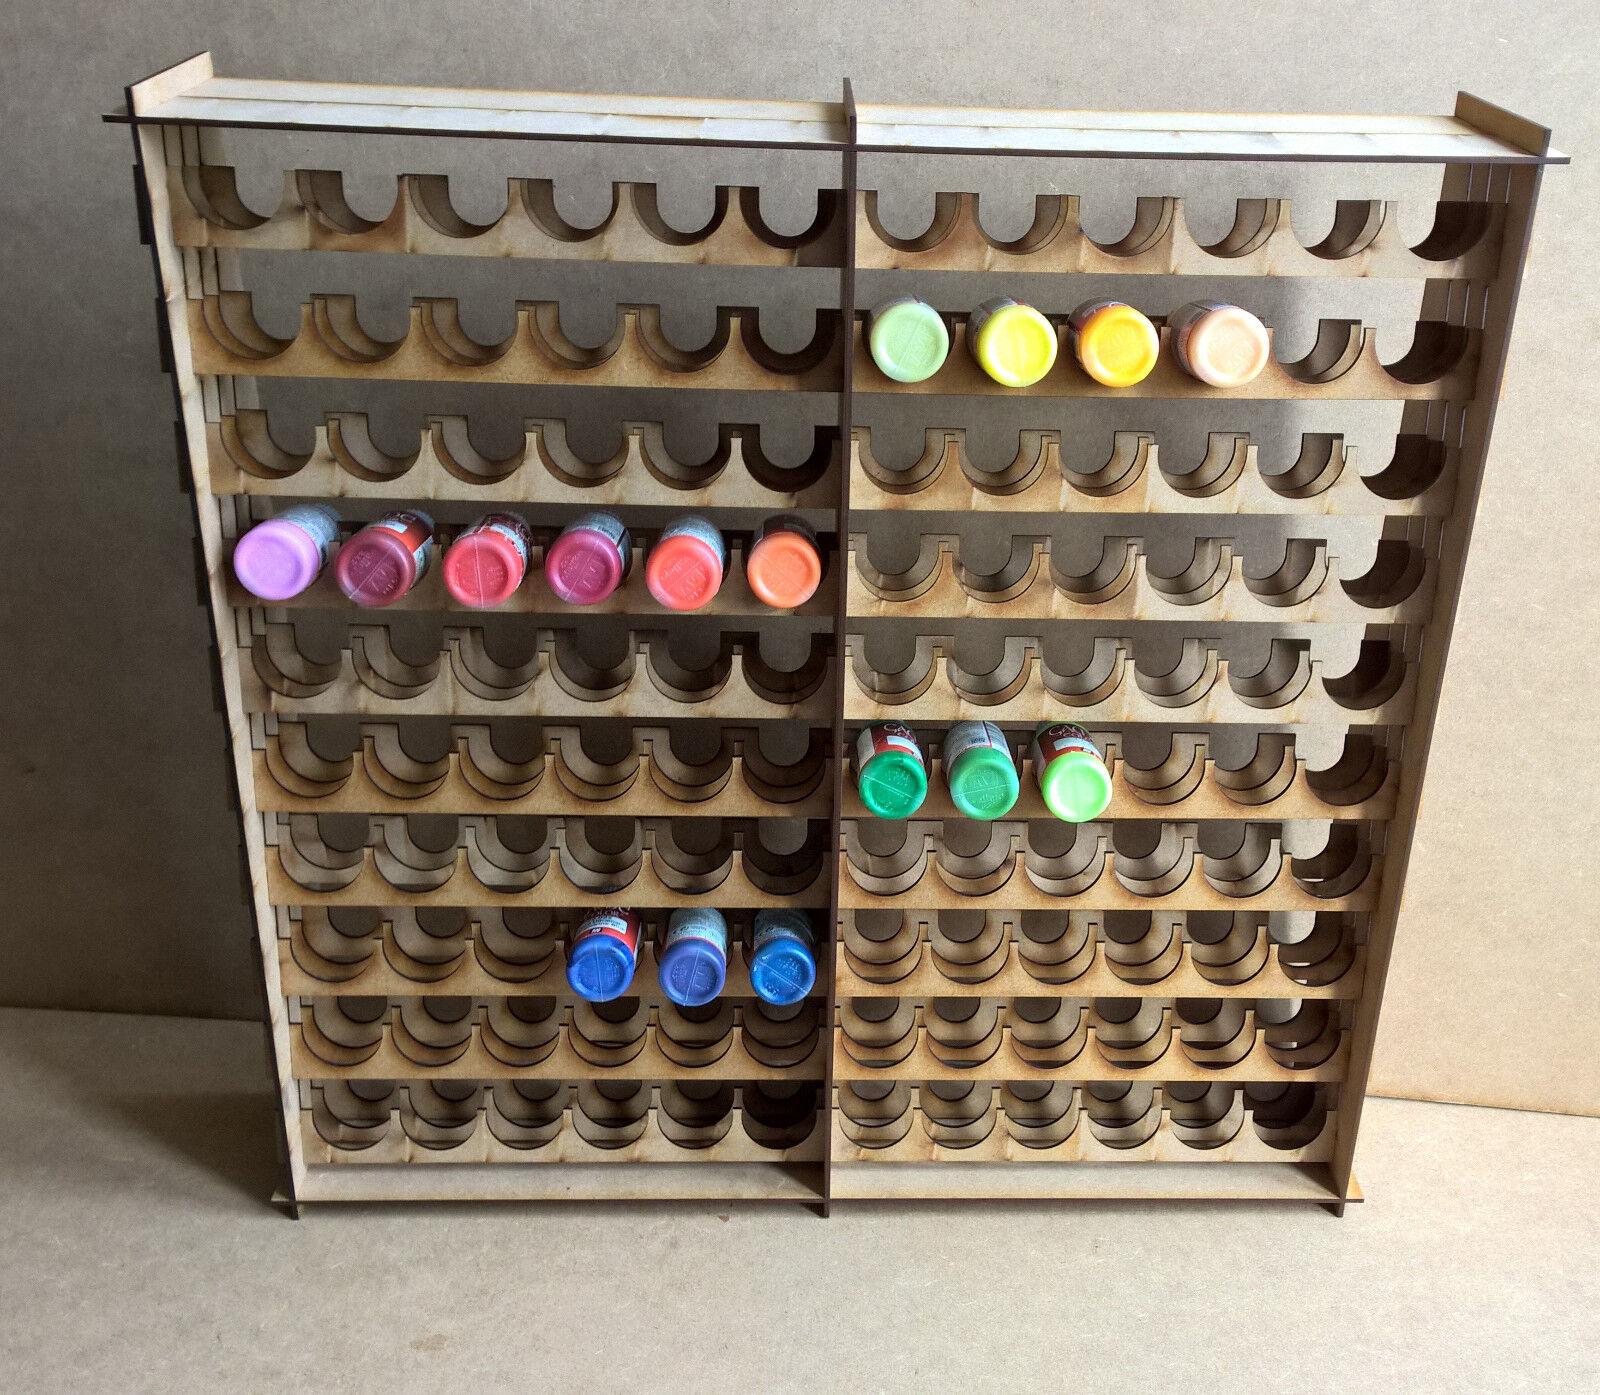 solo para ti Soporte de pintura Botellero Para 240 botellas de almacenamiento Warpaint Warpaint Warpaint Vallejo Warhammer 40k Escenografia  salida